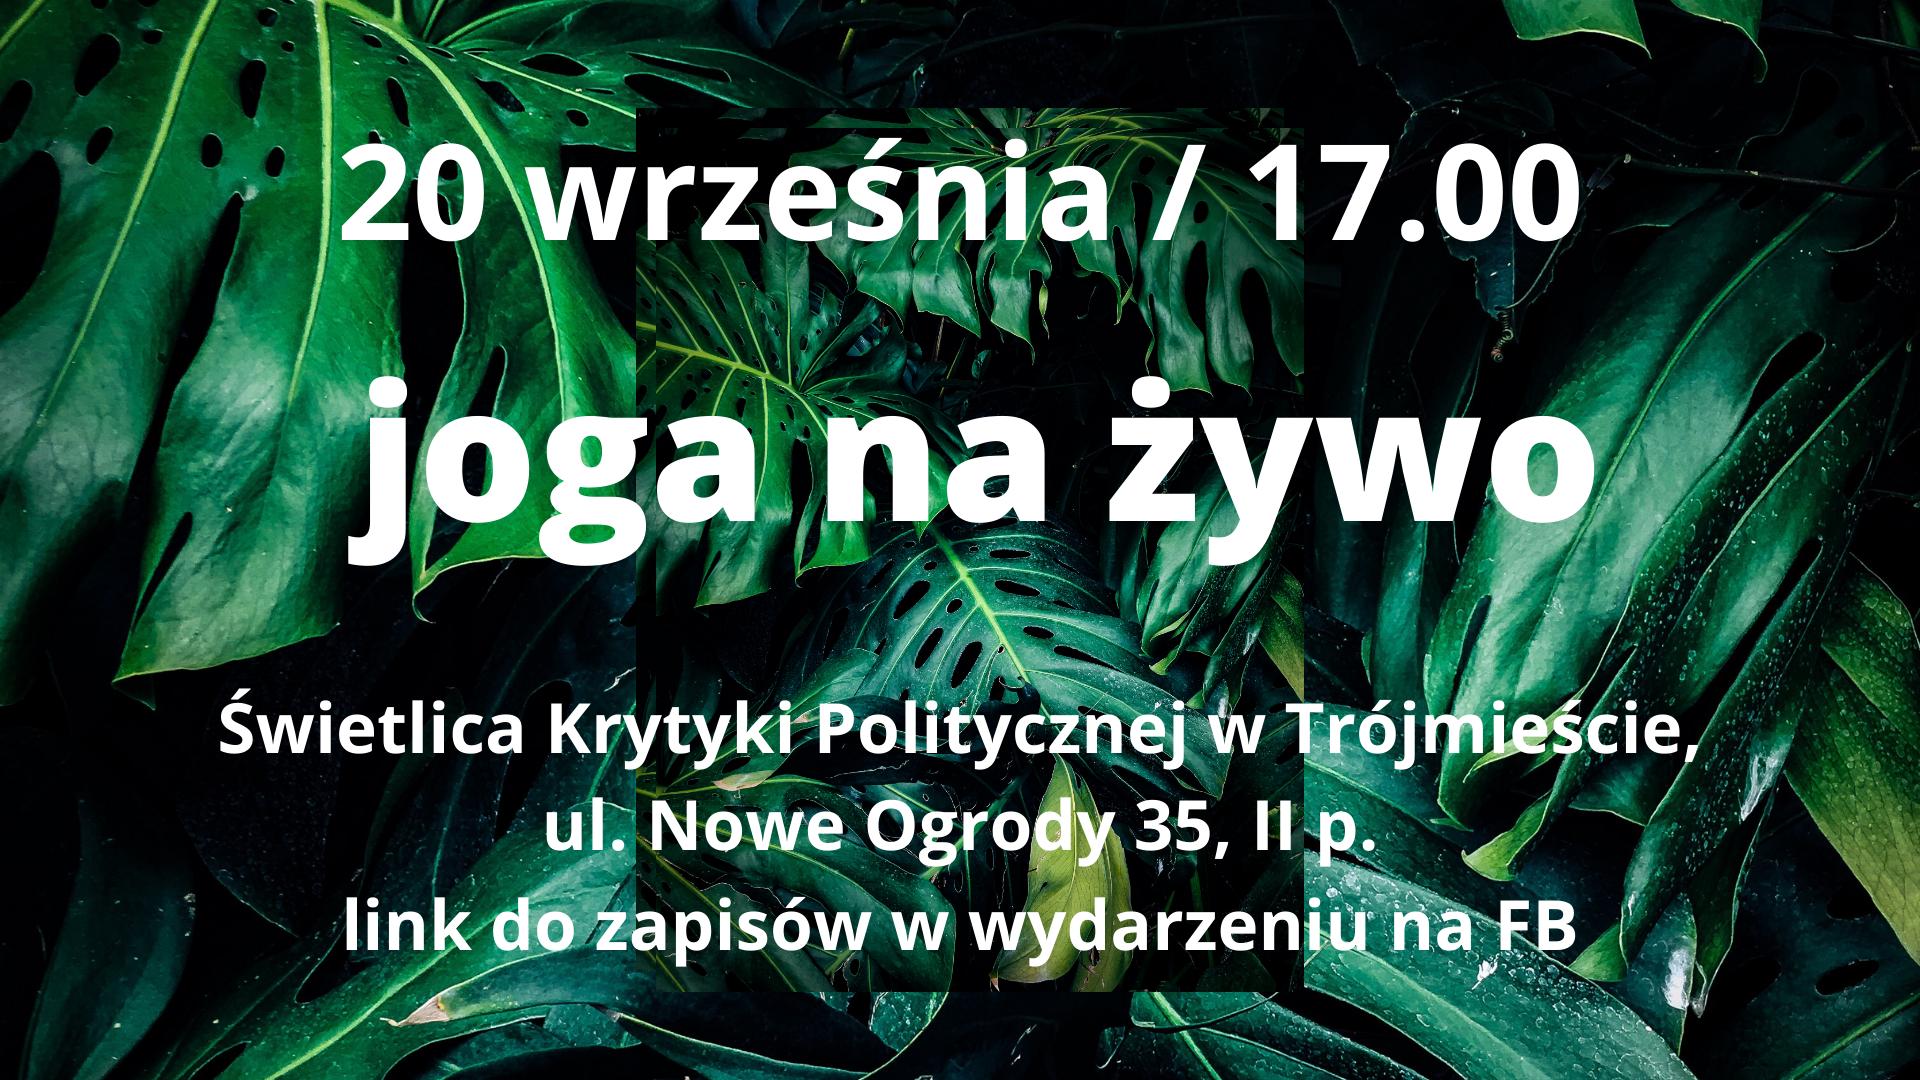 na tle zielonych liści: 20 września godz. 17.00 joga na żywo